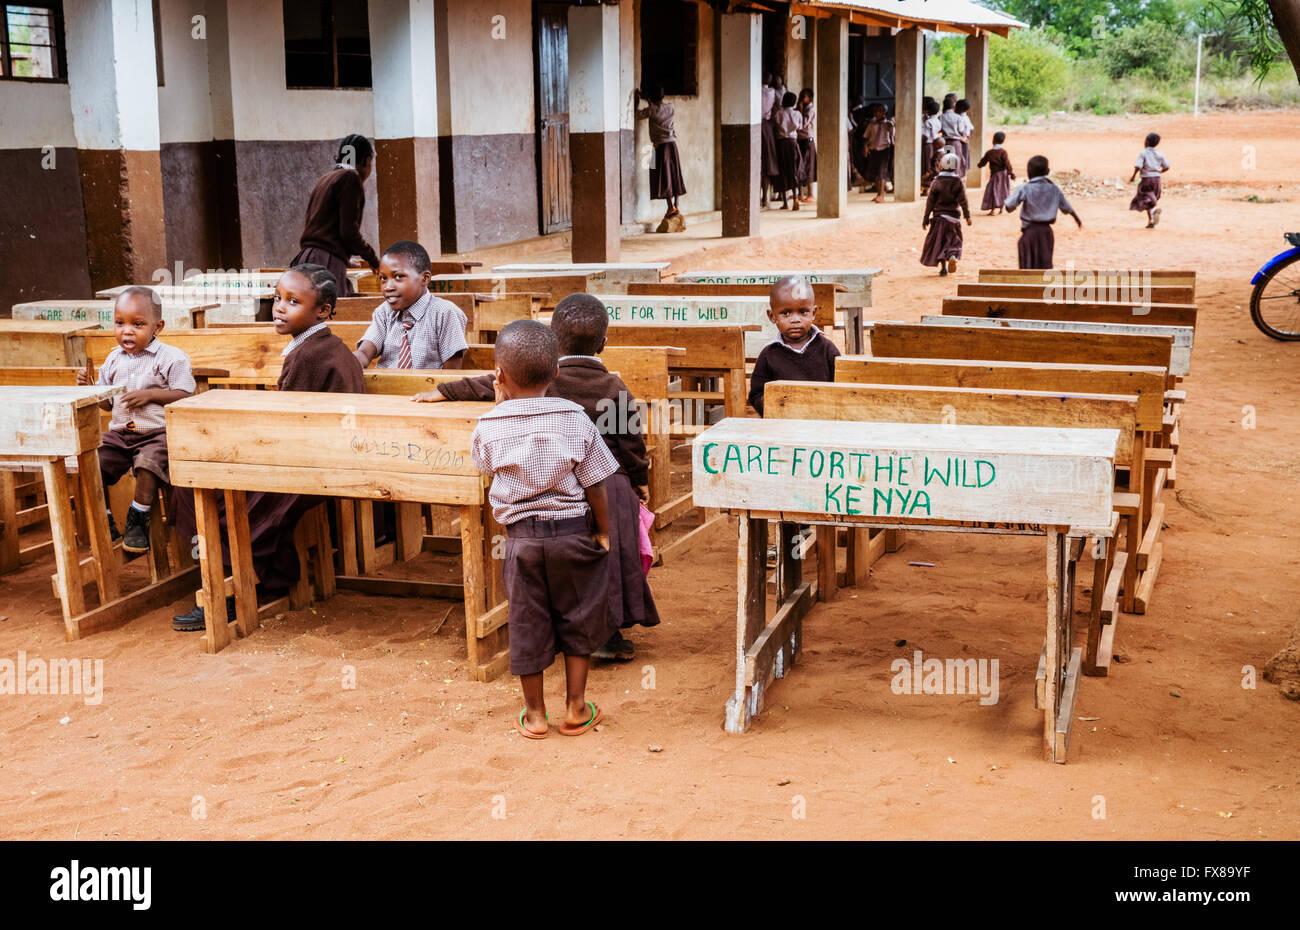 Les enfants à la charité d'un bureau situé à l'extérieur dans une école primaire Photo Stock